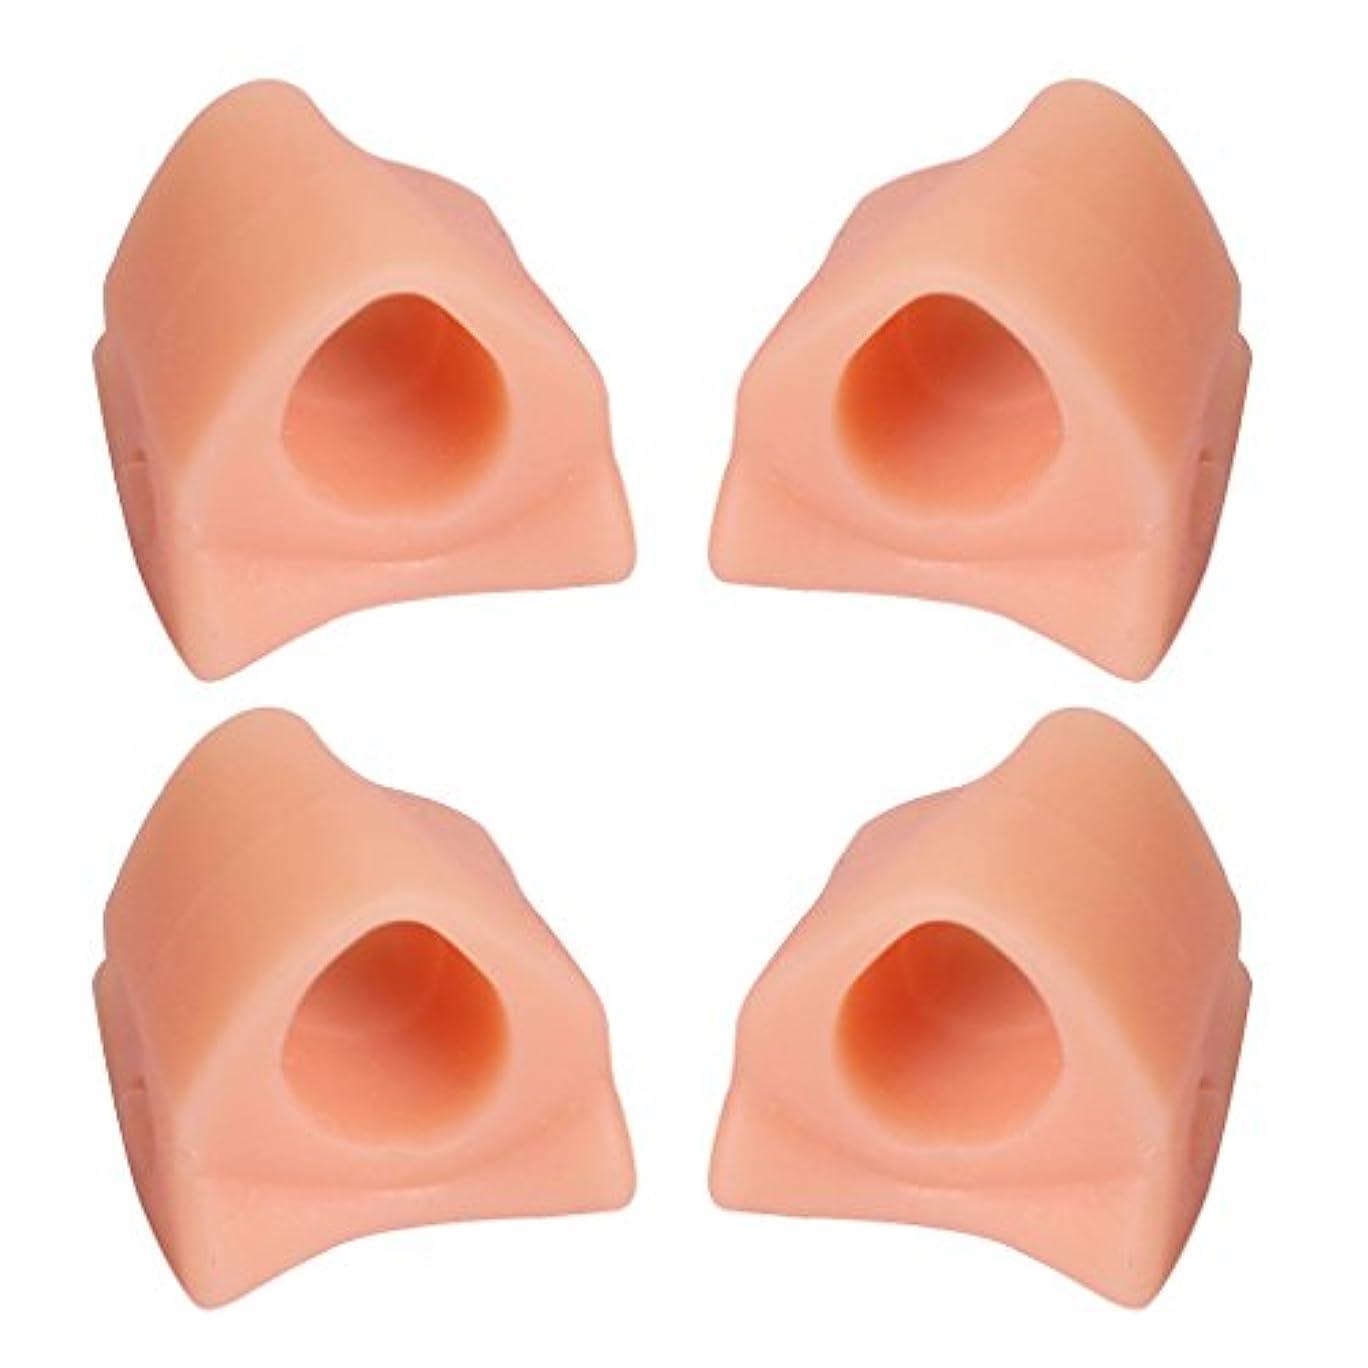 咳施し手入れHellery 4本ゲル腱膜補正つま先セパレーター補正Hallux外反フットケア